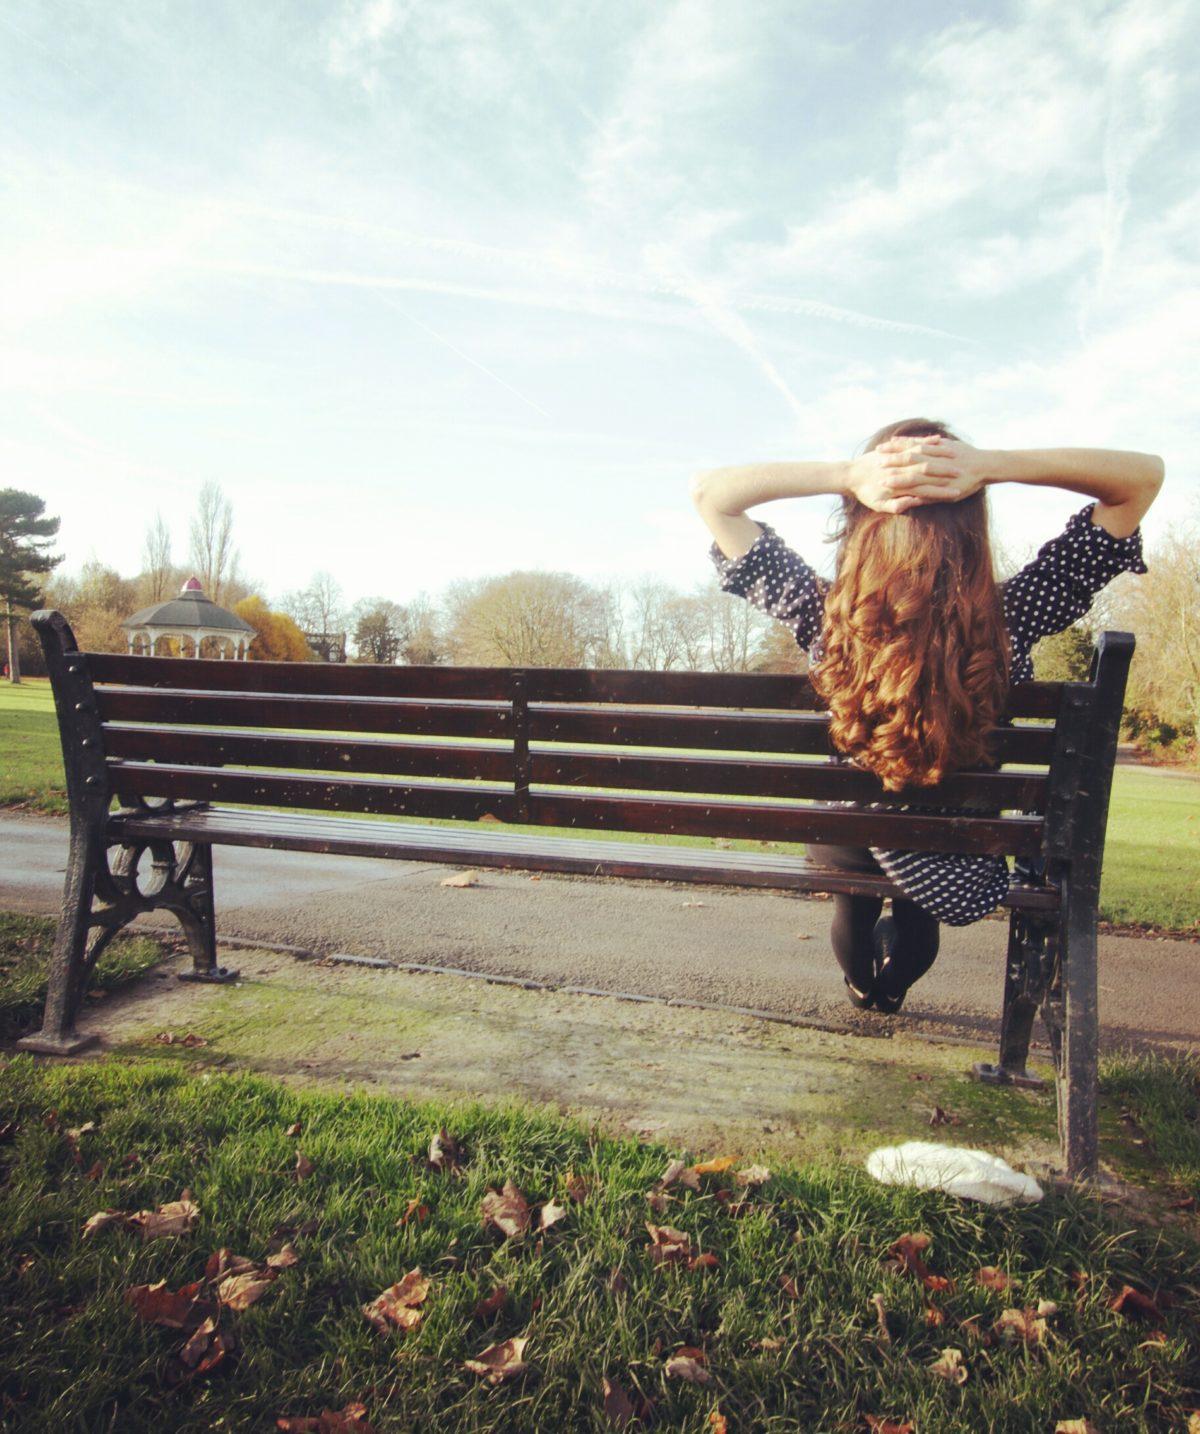 JAK OSIĄGNĄĆ SUKCES? – JEŚLI SZUKASZ SPOSOBU, TU GO NIE ZNAJDZIESZ